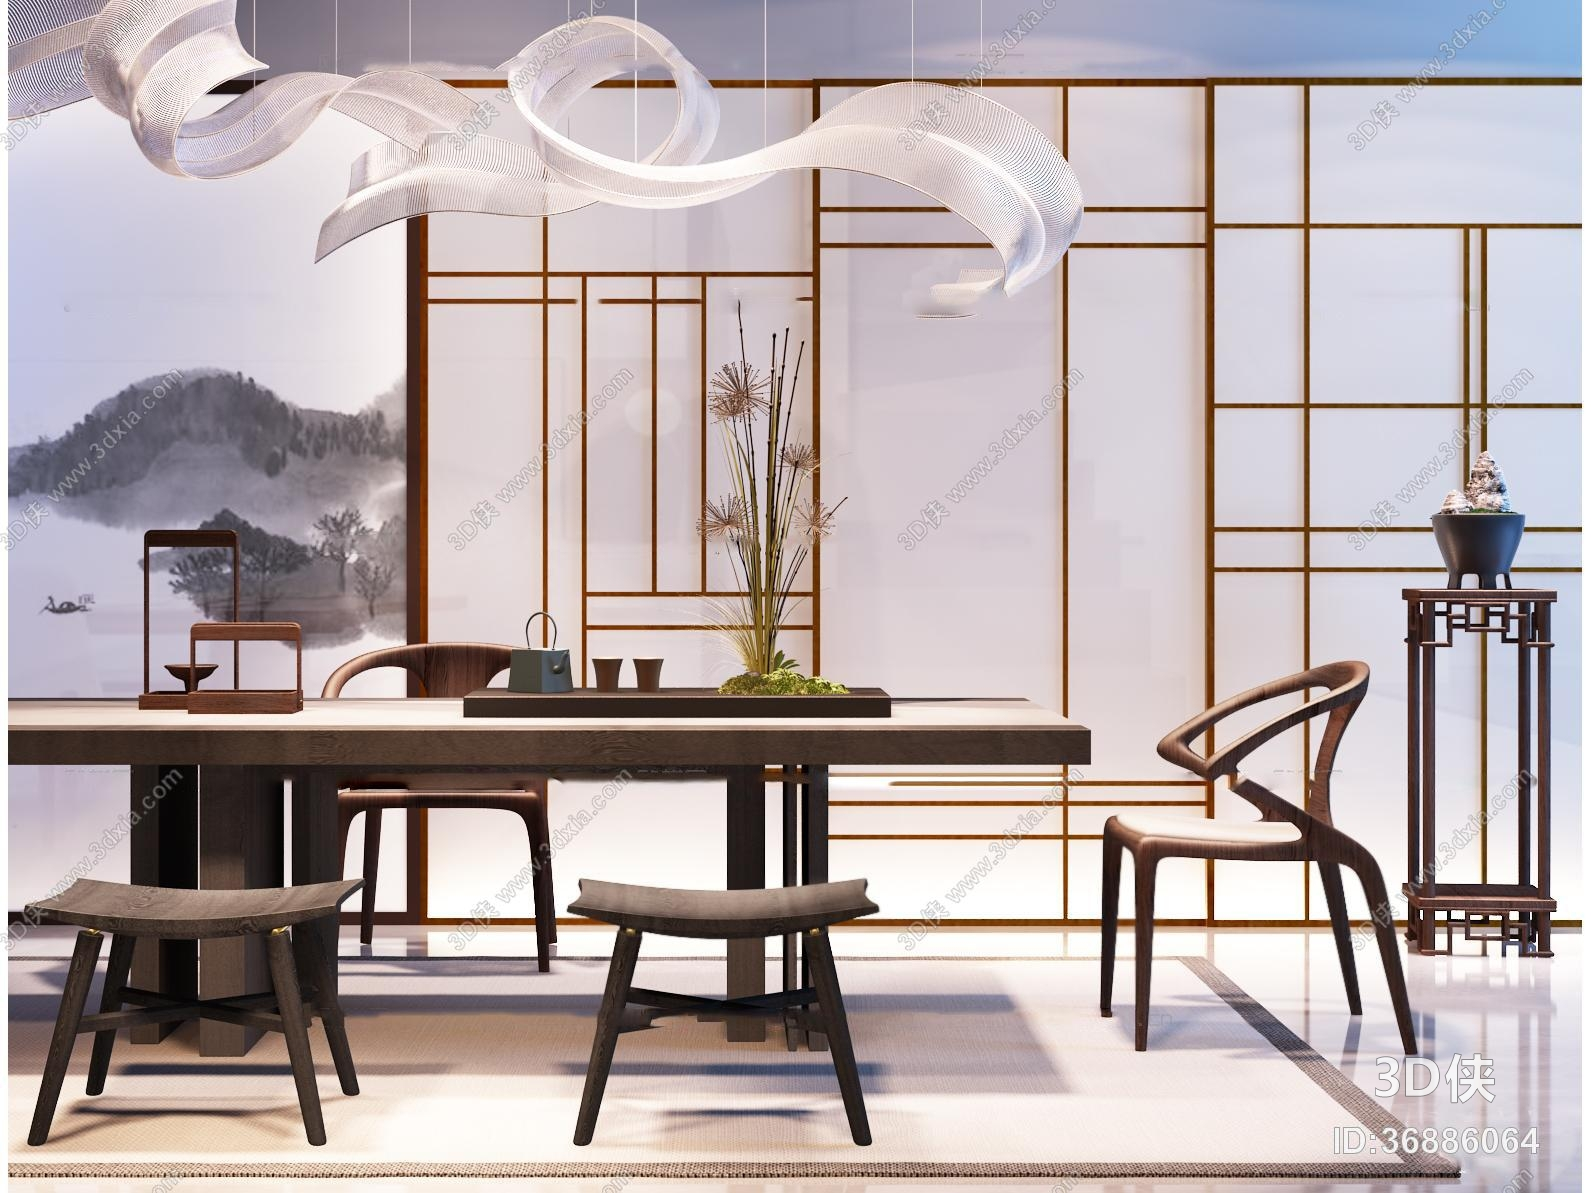 休闲桌椅组合效果图素材免费下载,本作品主题是中式茶桌椅子吊灯屏风